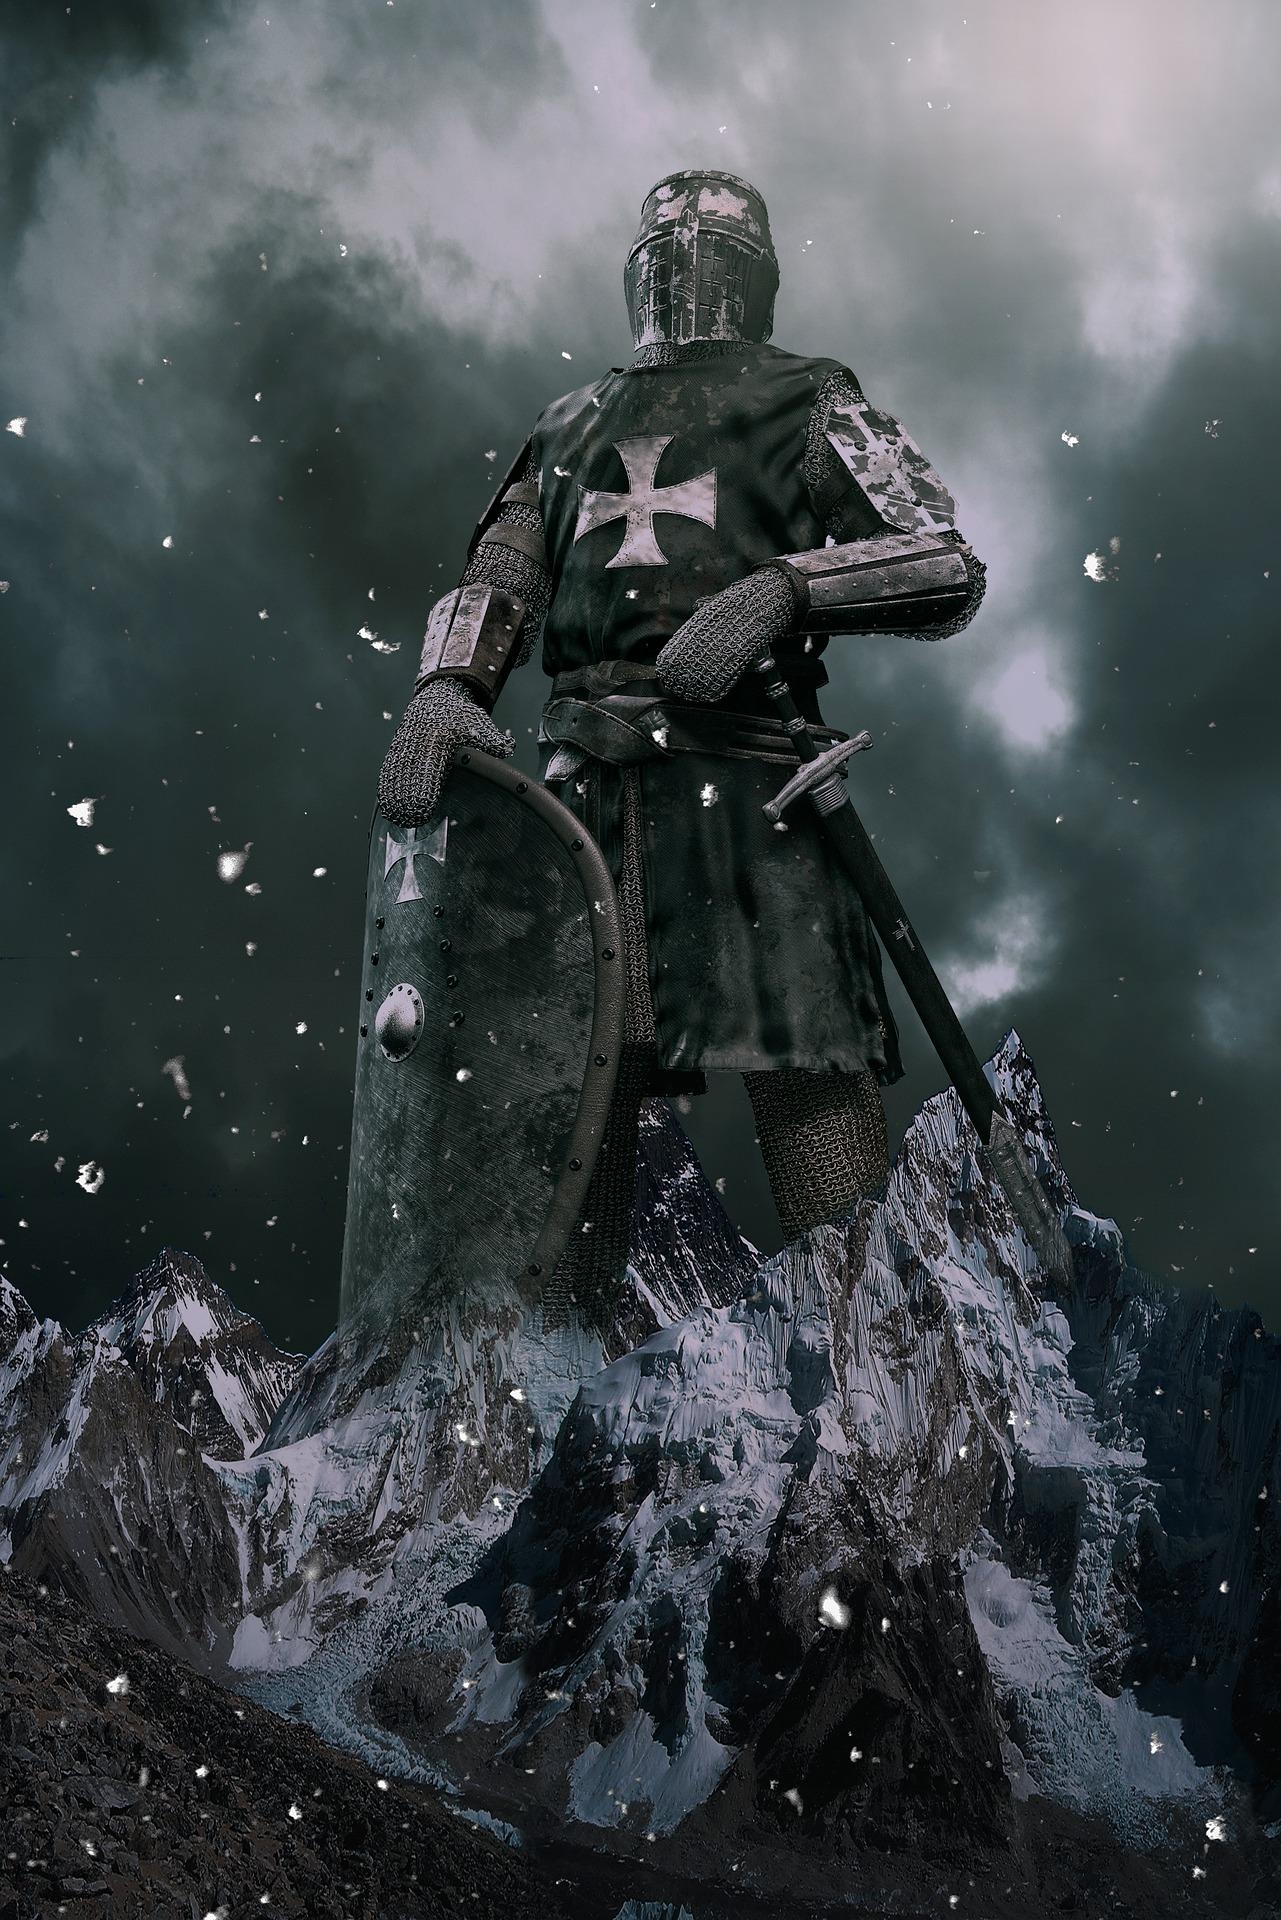 El mito de los Caballeros Templarios